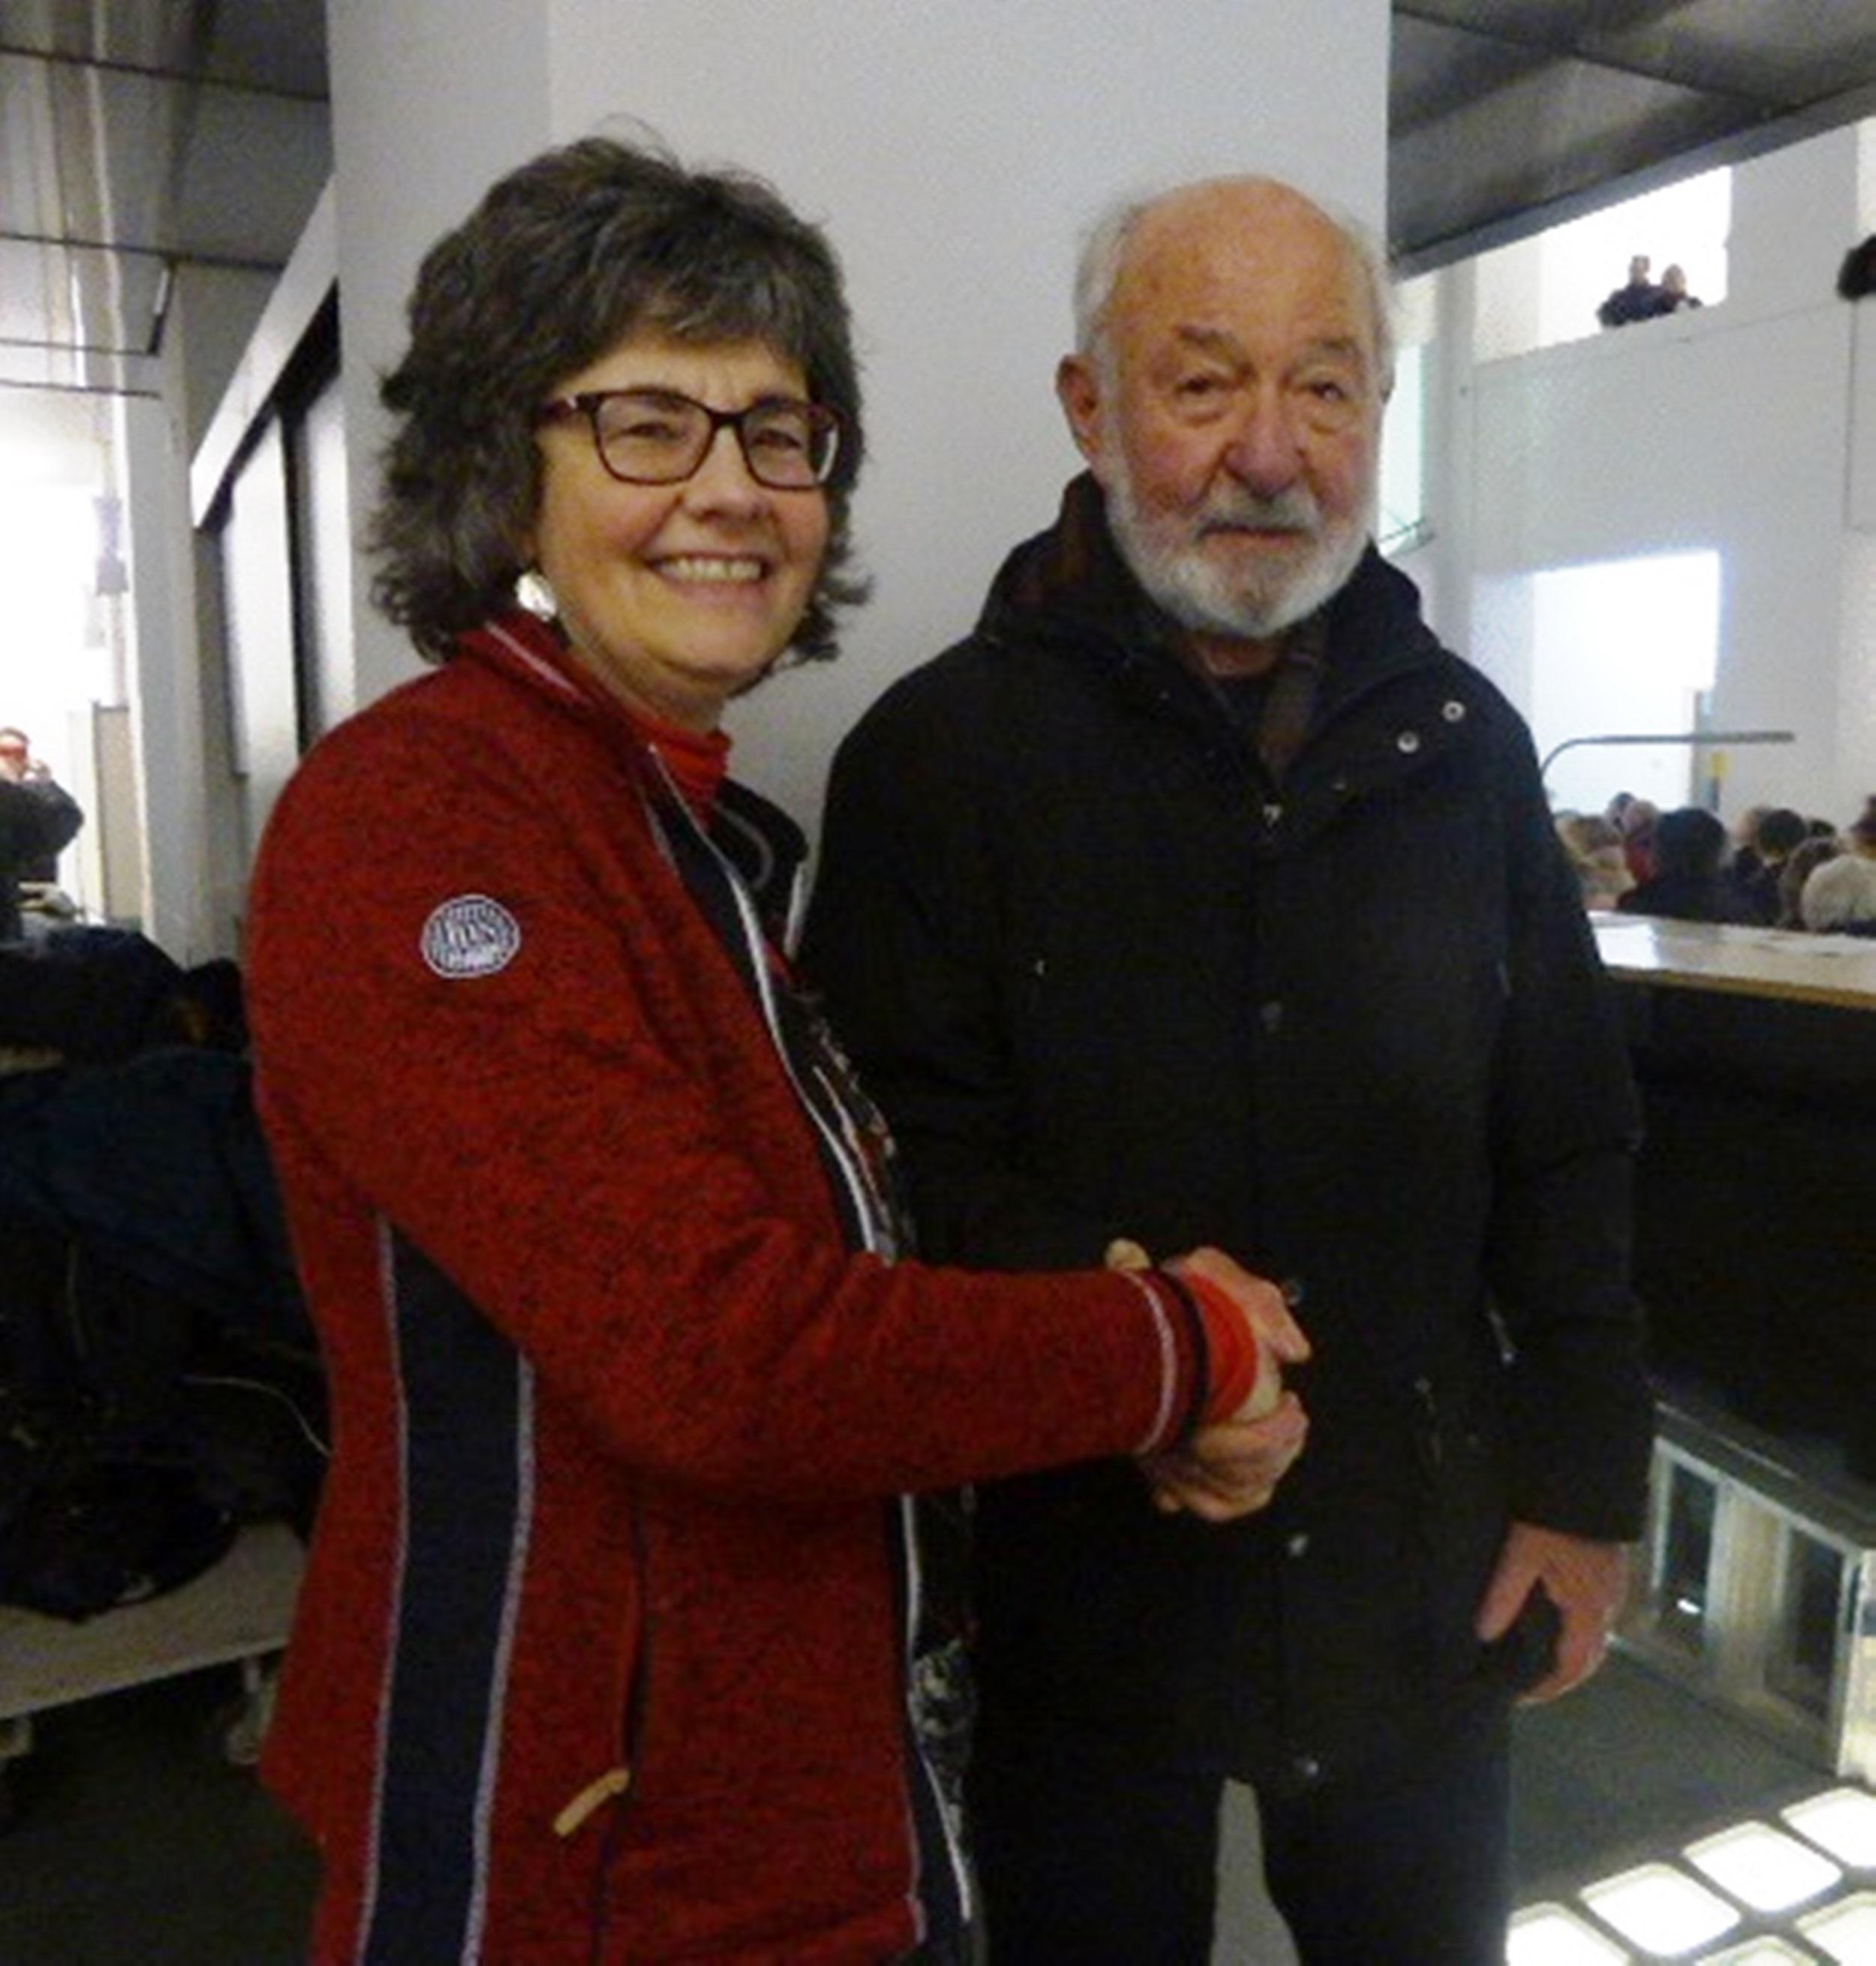 Die Vorsitzende Ursula Butscher - Zahn gratuliert Rolf Constantin